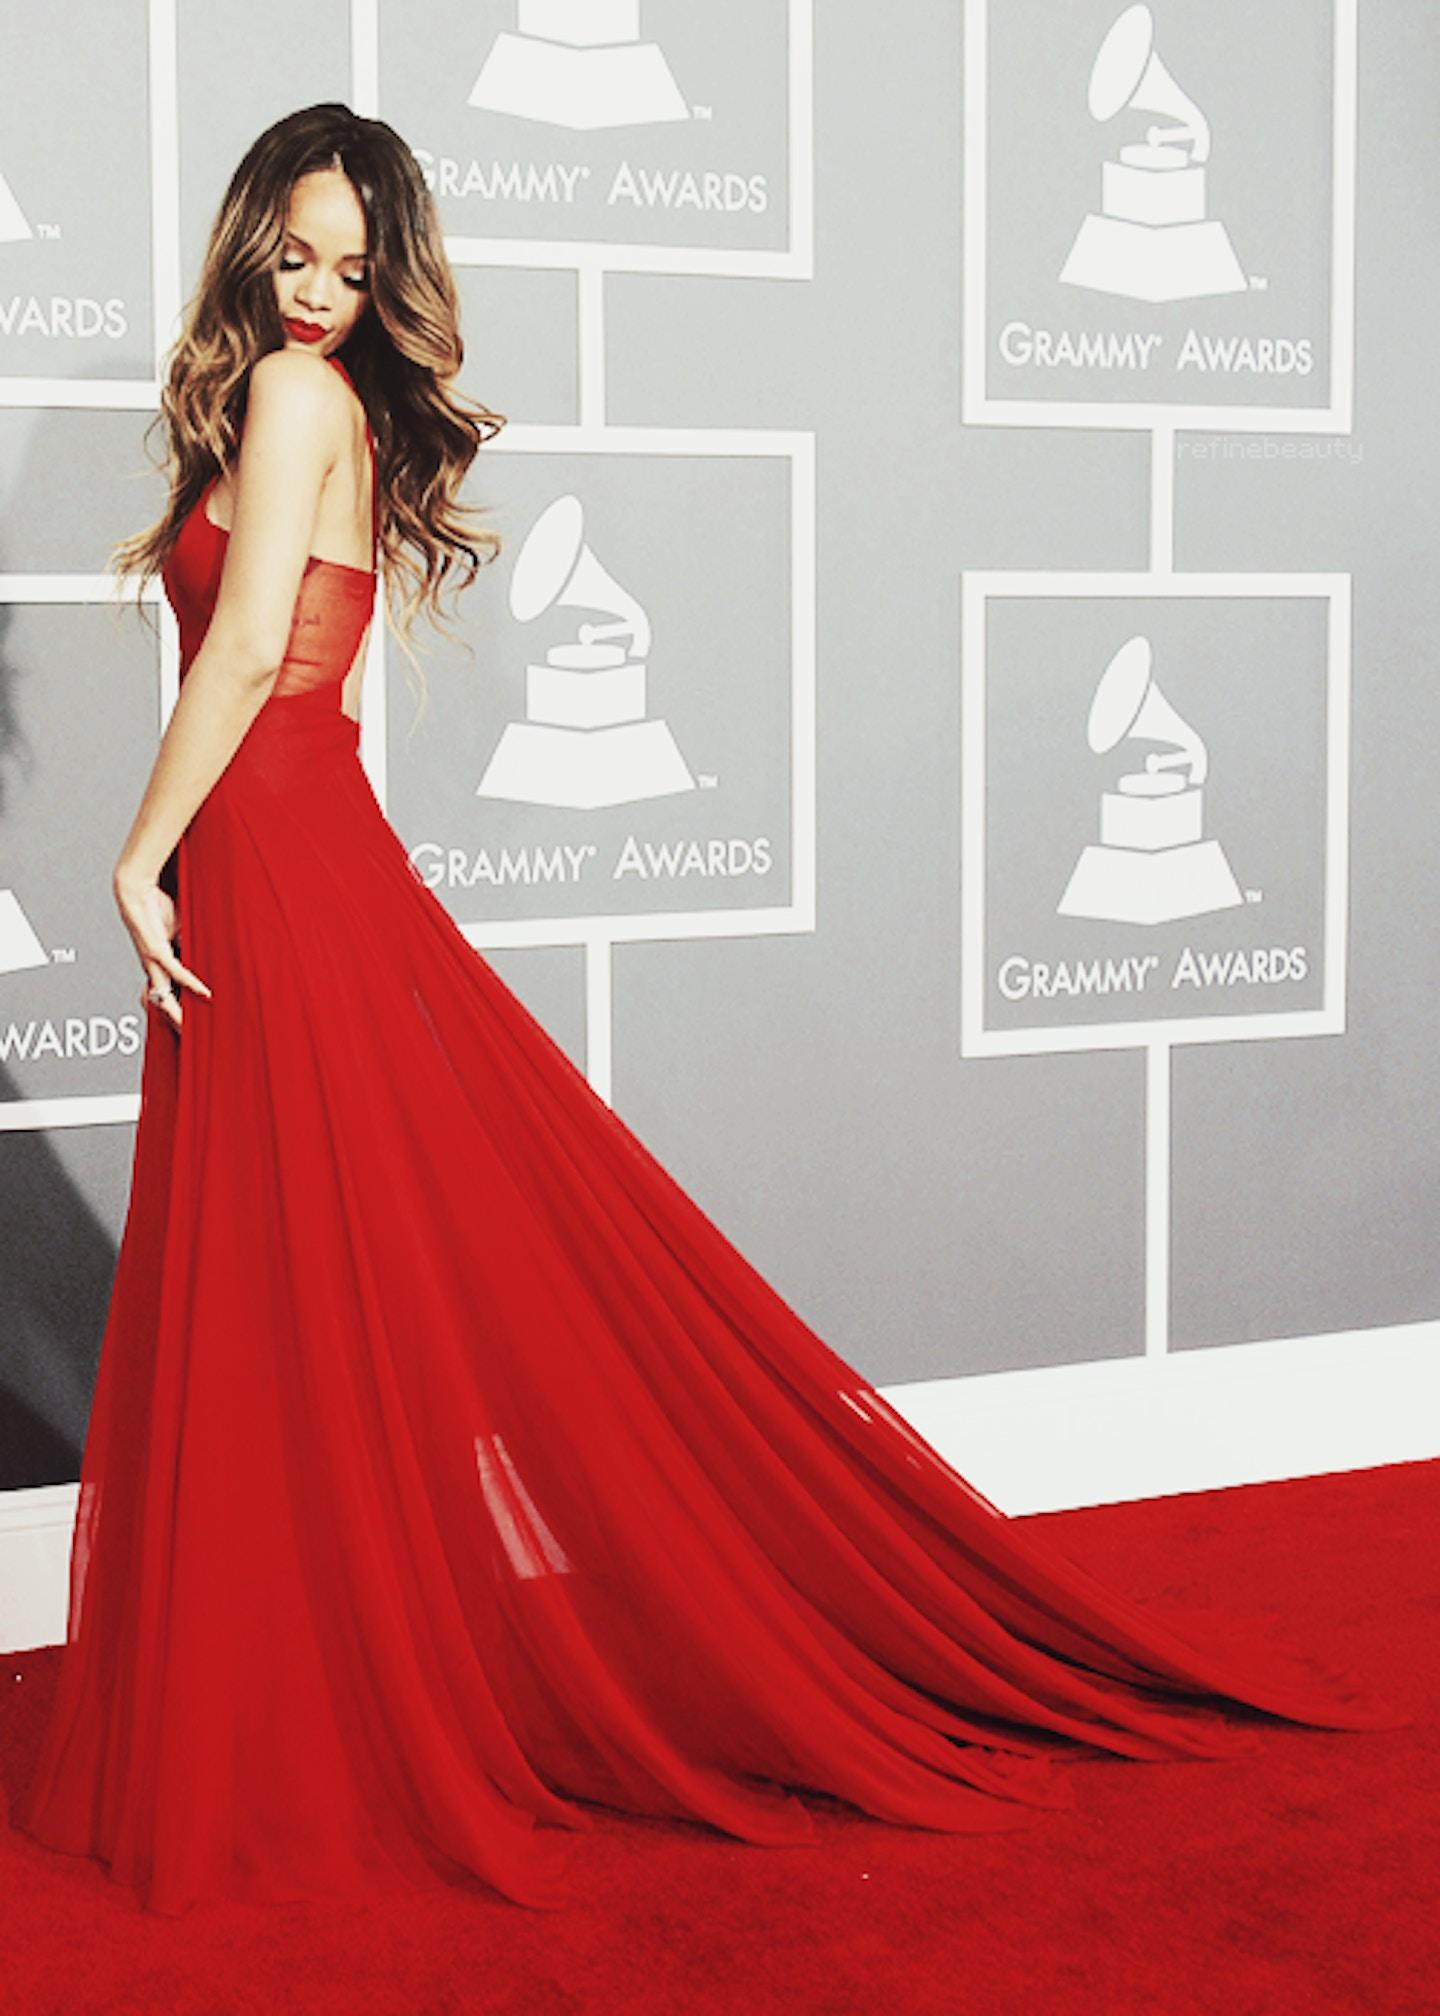 Best & Worst Dressed 2013 Grammy Awards